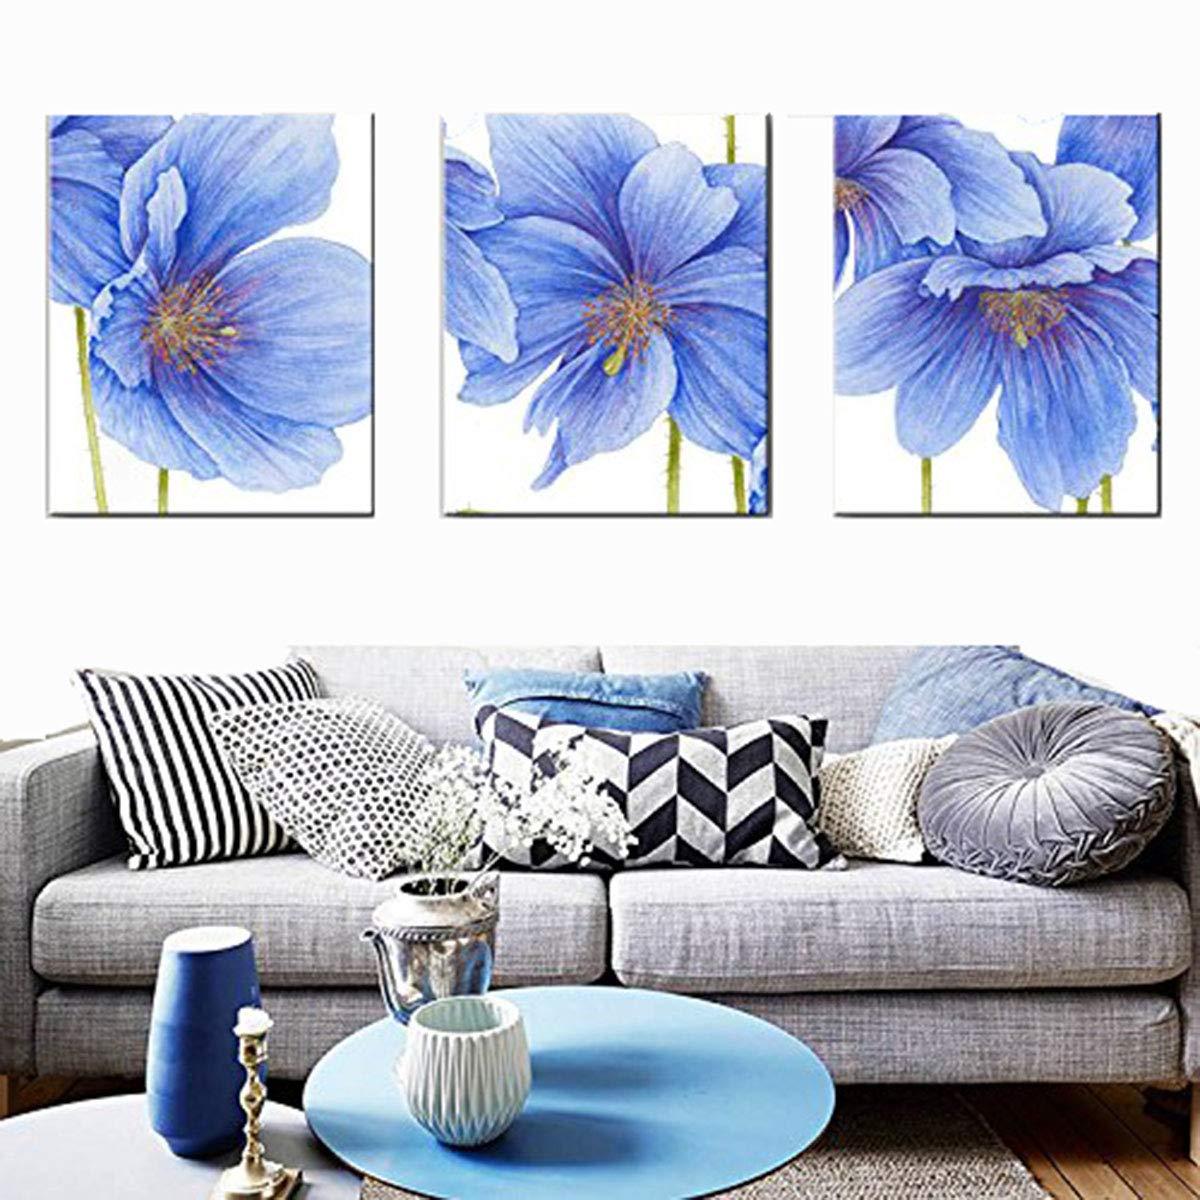 3550cm WG Blaue Blüten dreifach dekorative Malerei, rahmenlose Gemälde, Restaurant Gang dekorative Malerei, 35  50cm